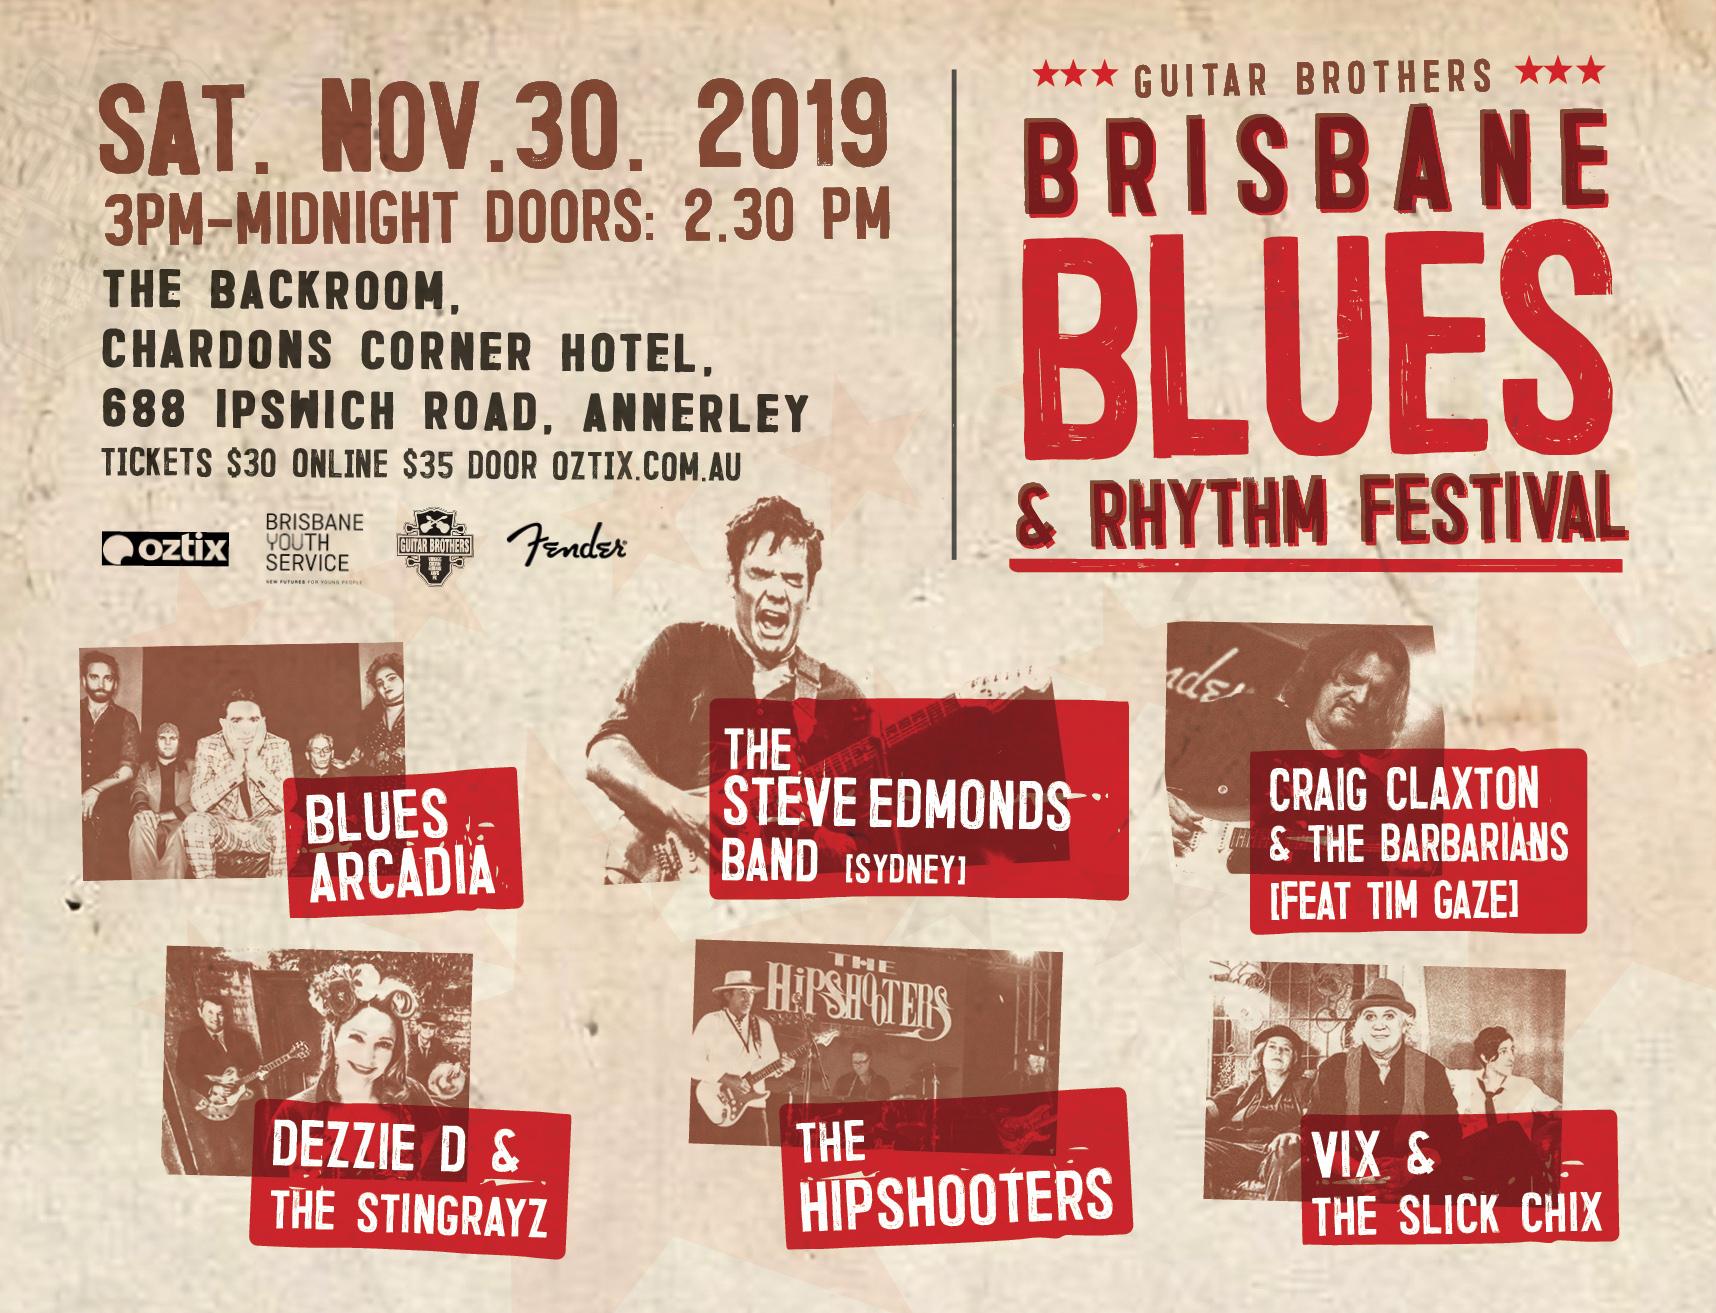 Brisbane Blues and Rhythm Festival 2019